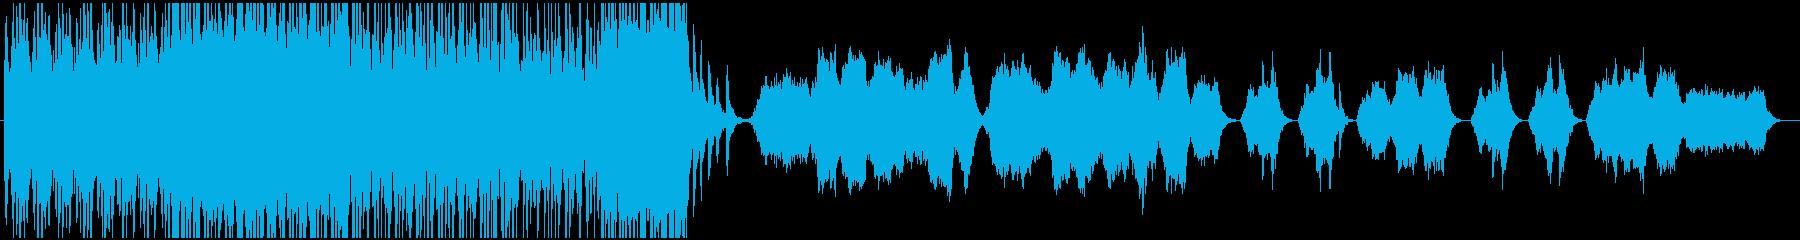 荘厳で勇壮なファンファーレの再生済みの波形